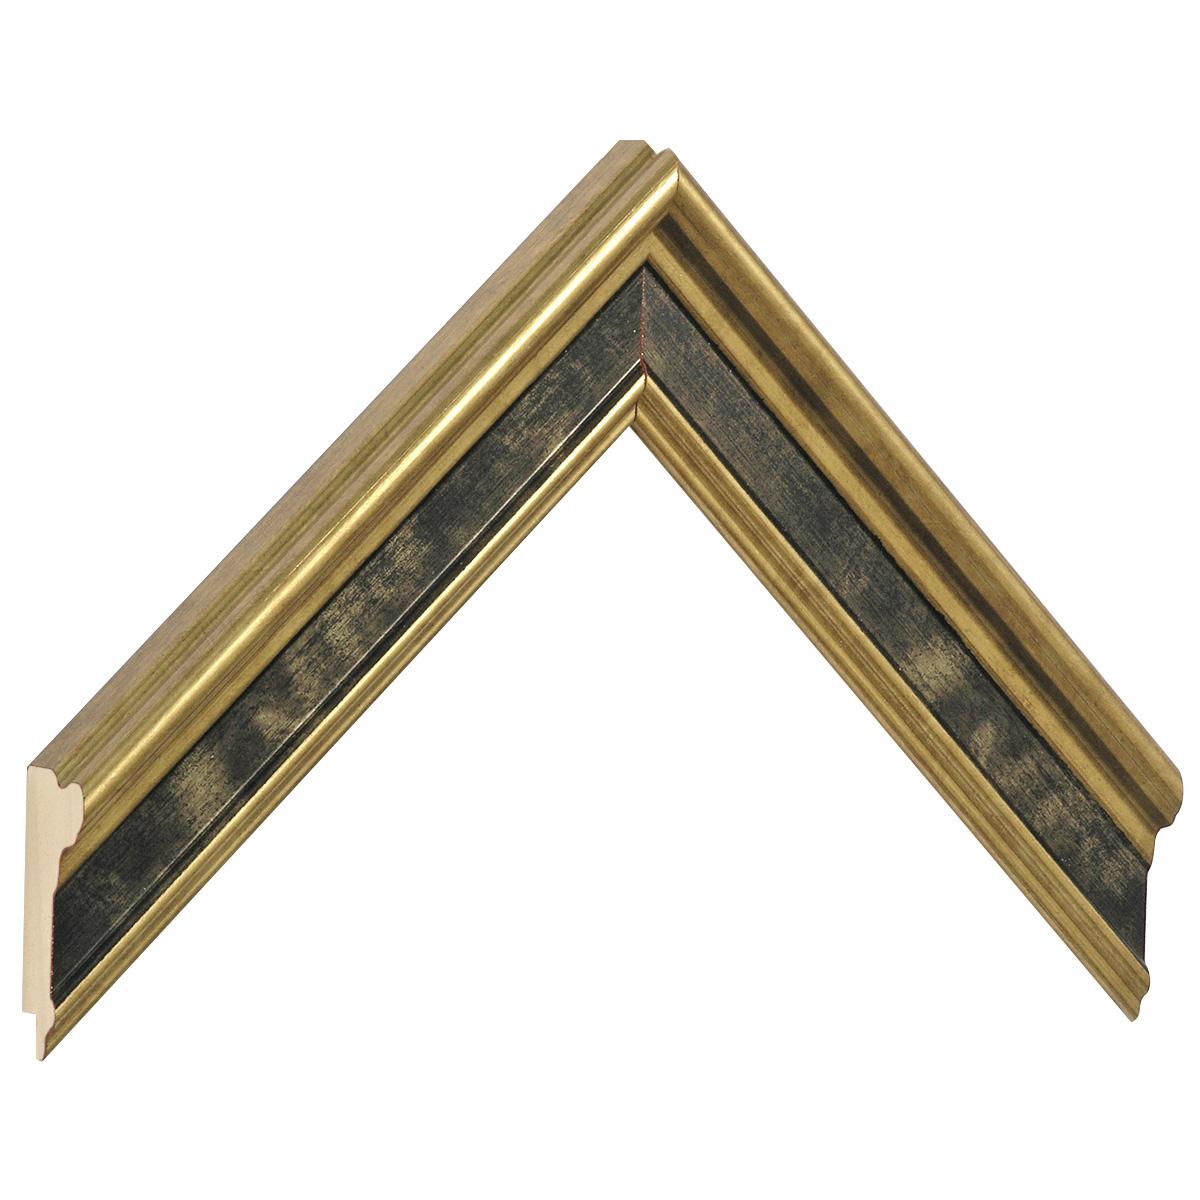 Moulding finger-joint pine Width 34mm, Gold, black band